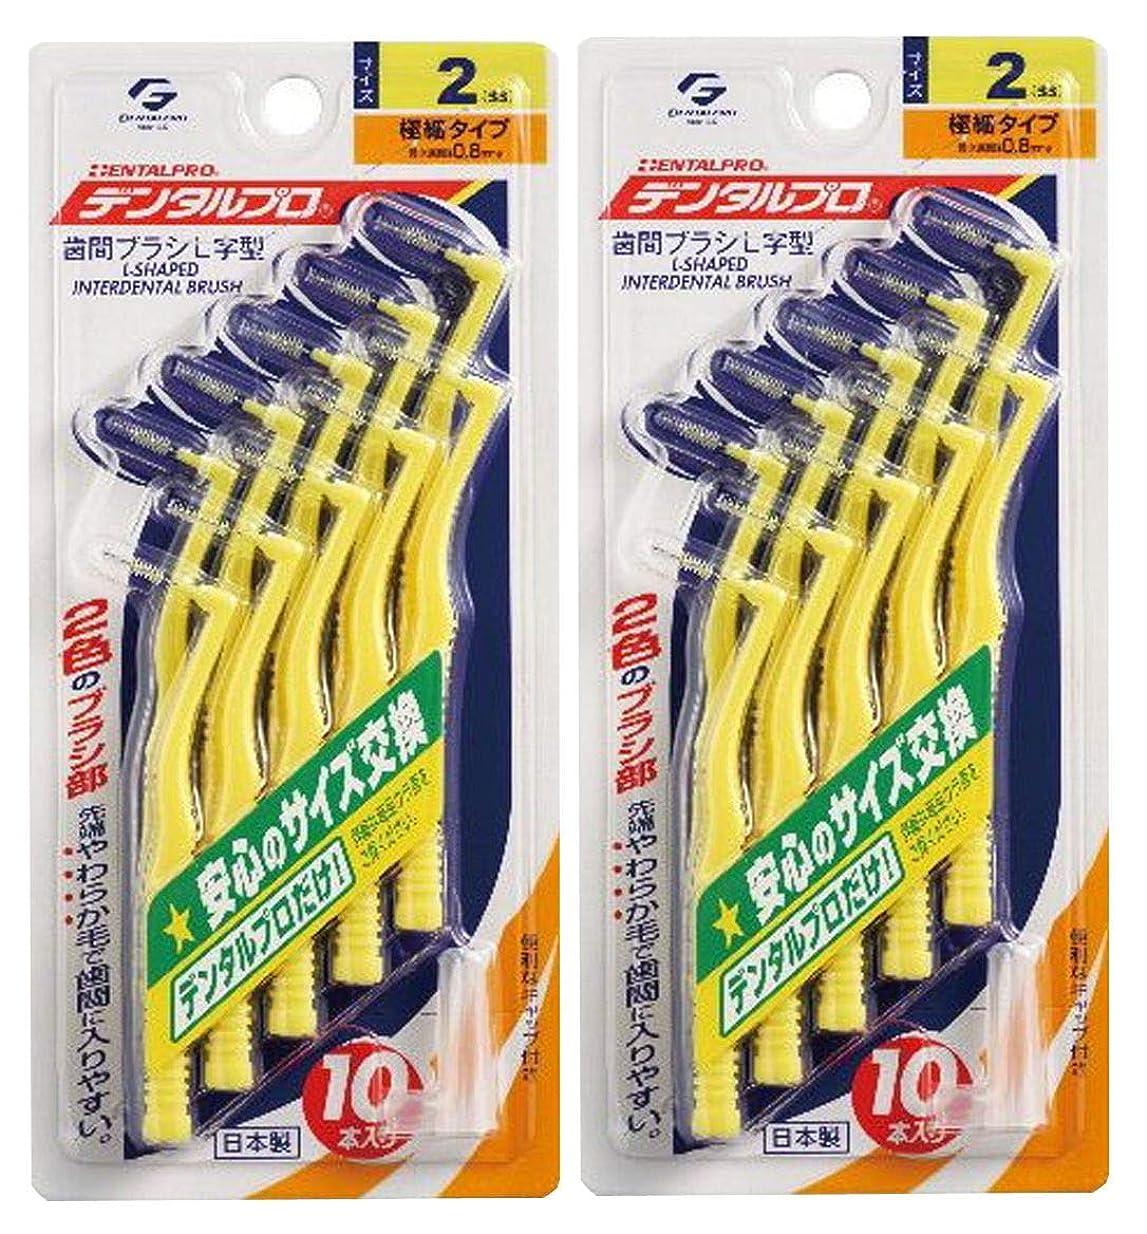 火傷経済的決定するデンタルプロ 歯間ブラシ L字型 10本入 サイズ 2 (SS) × 2個セット